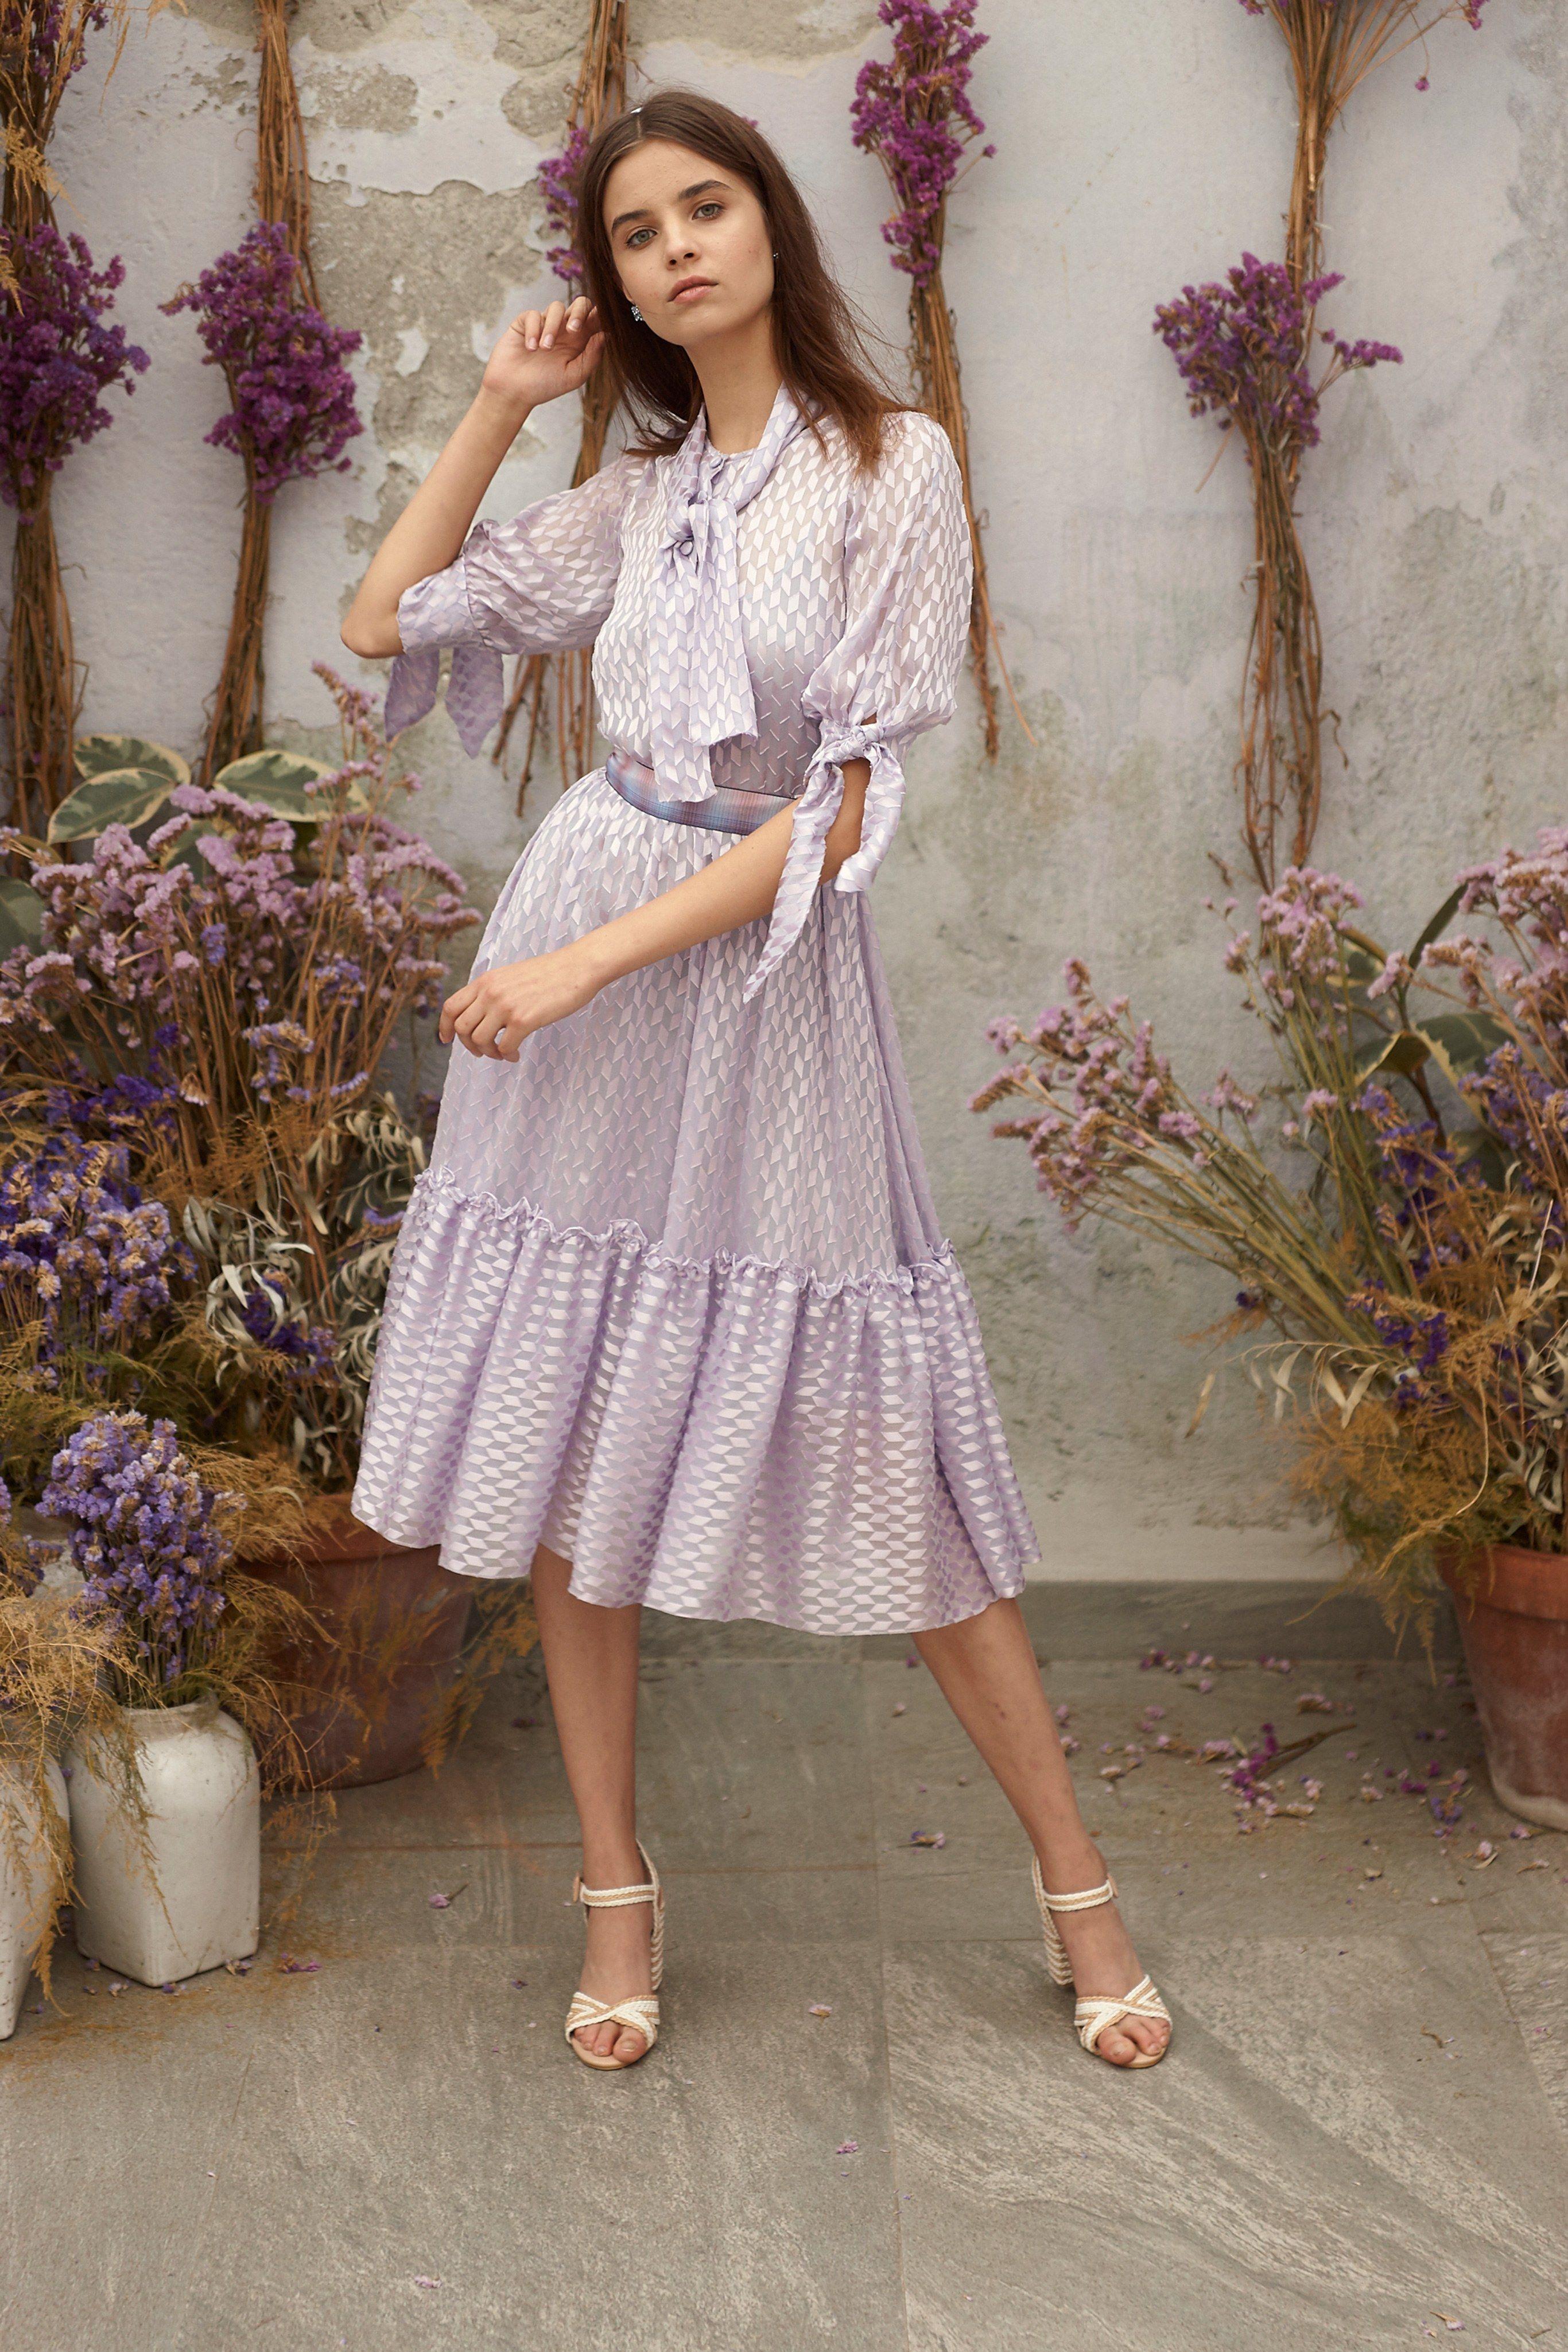 Luisa Beccaria Resort 2019 Fashion Show Fashion Fashion